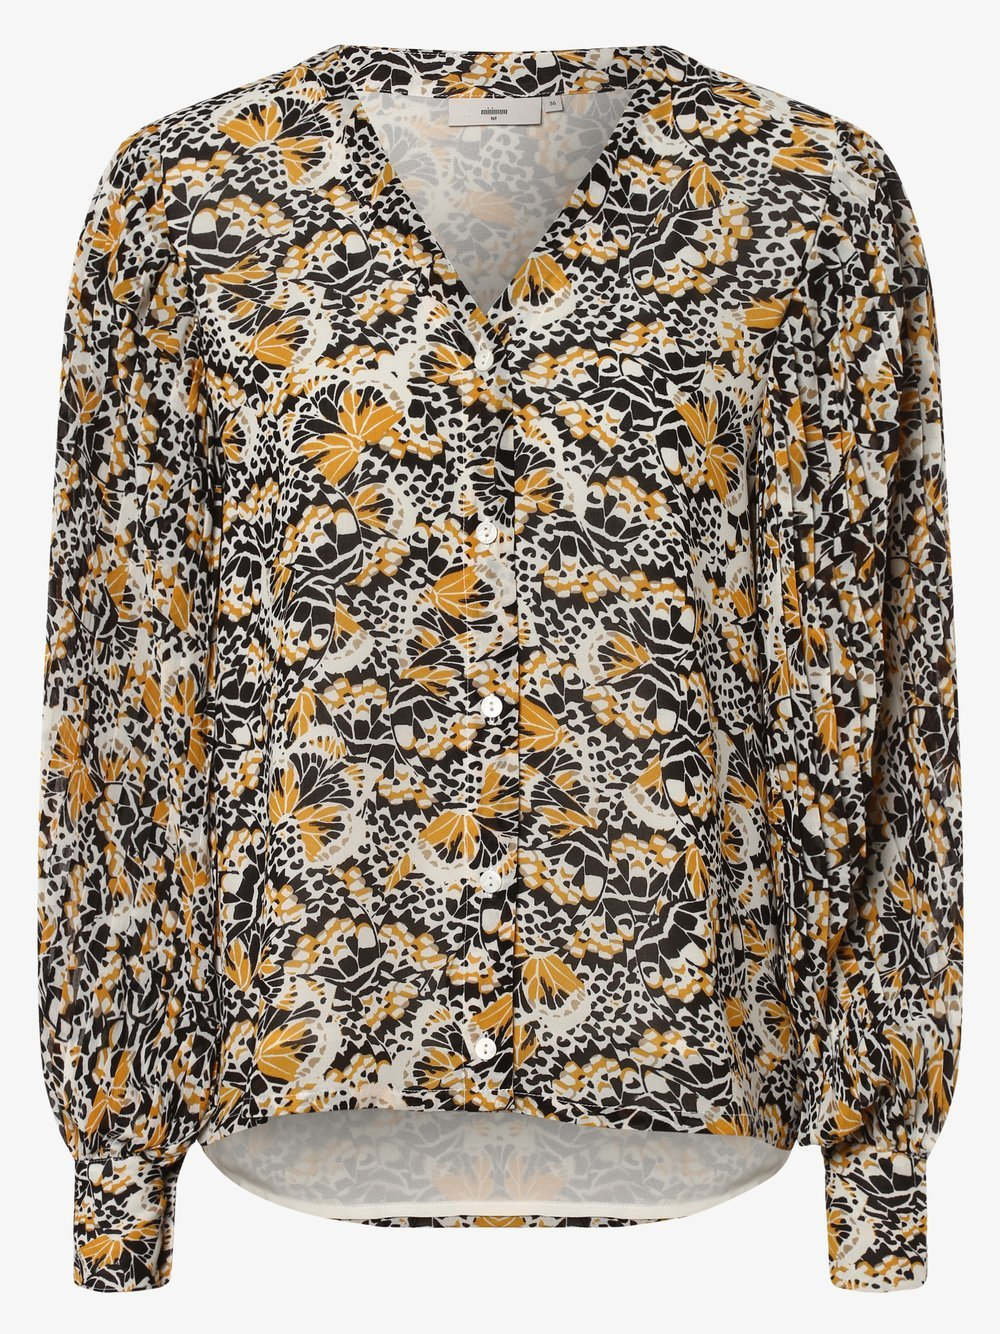 Minimum – Bluzka damska – Minusa, żółty Van Graaf 464889-0002